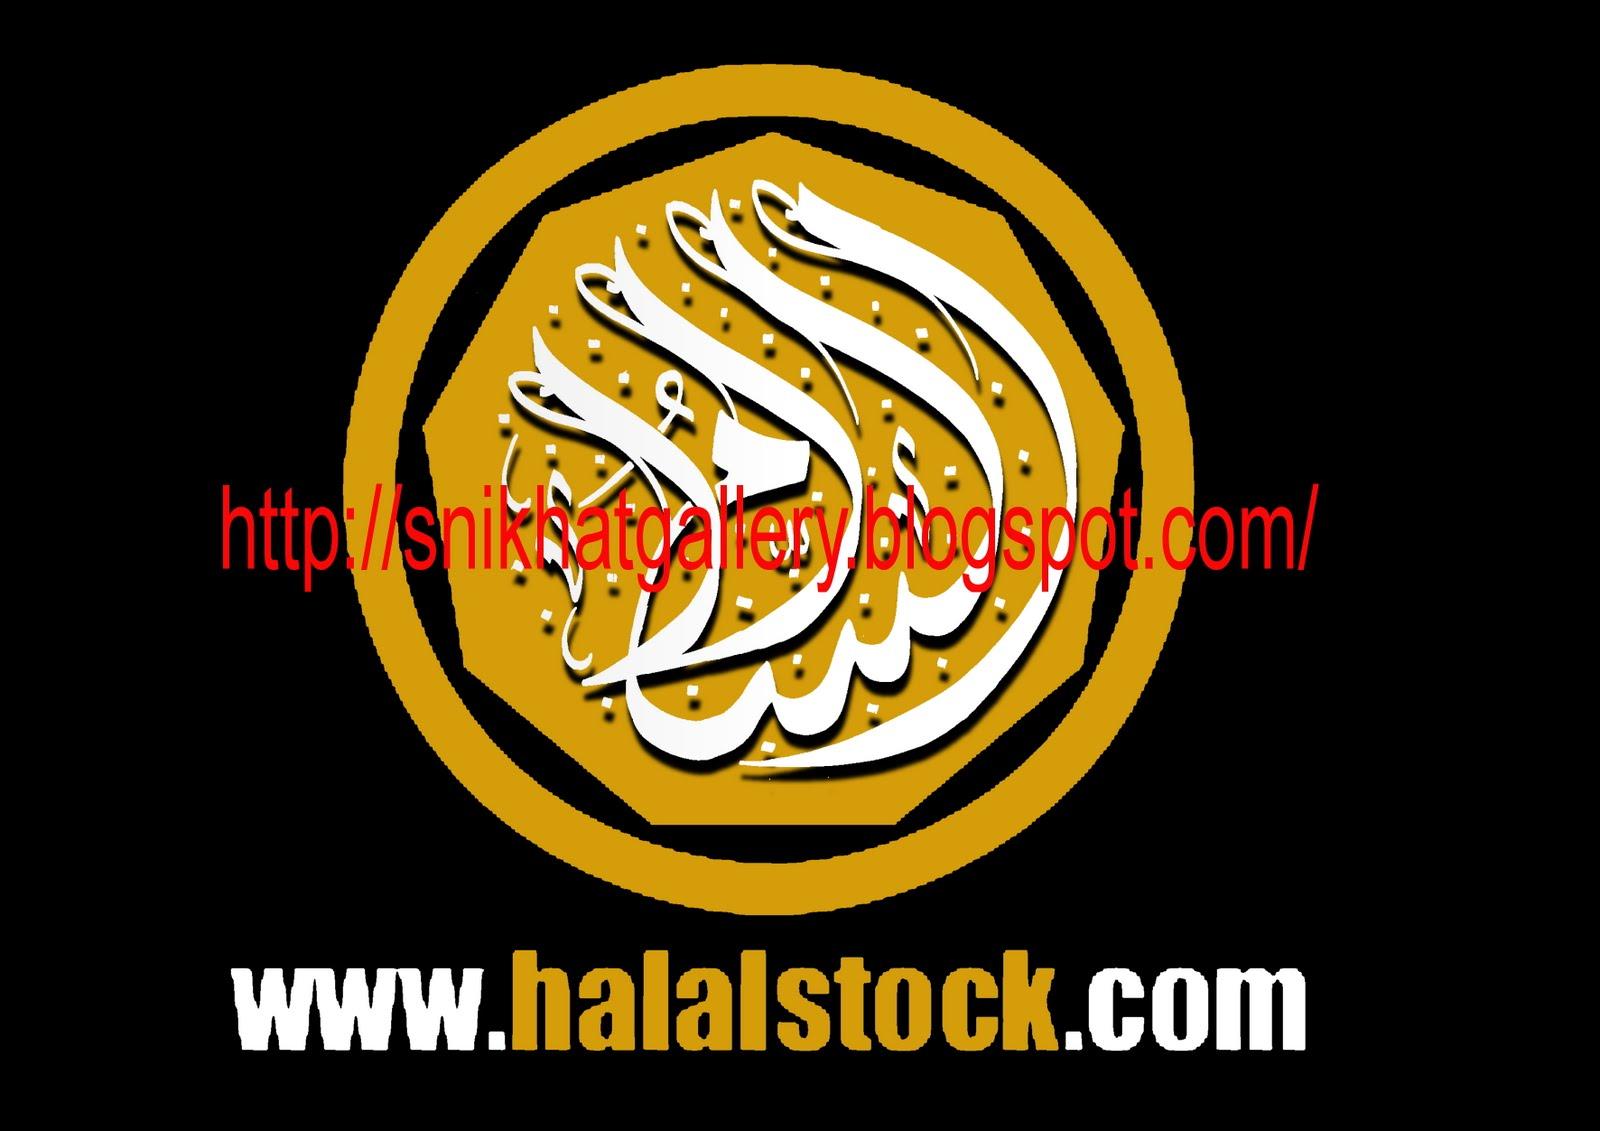 AL-SALAM dalam tulisan seni khat pelbagai bentuk